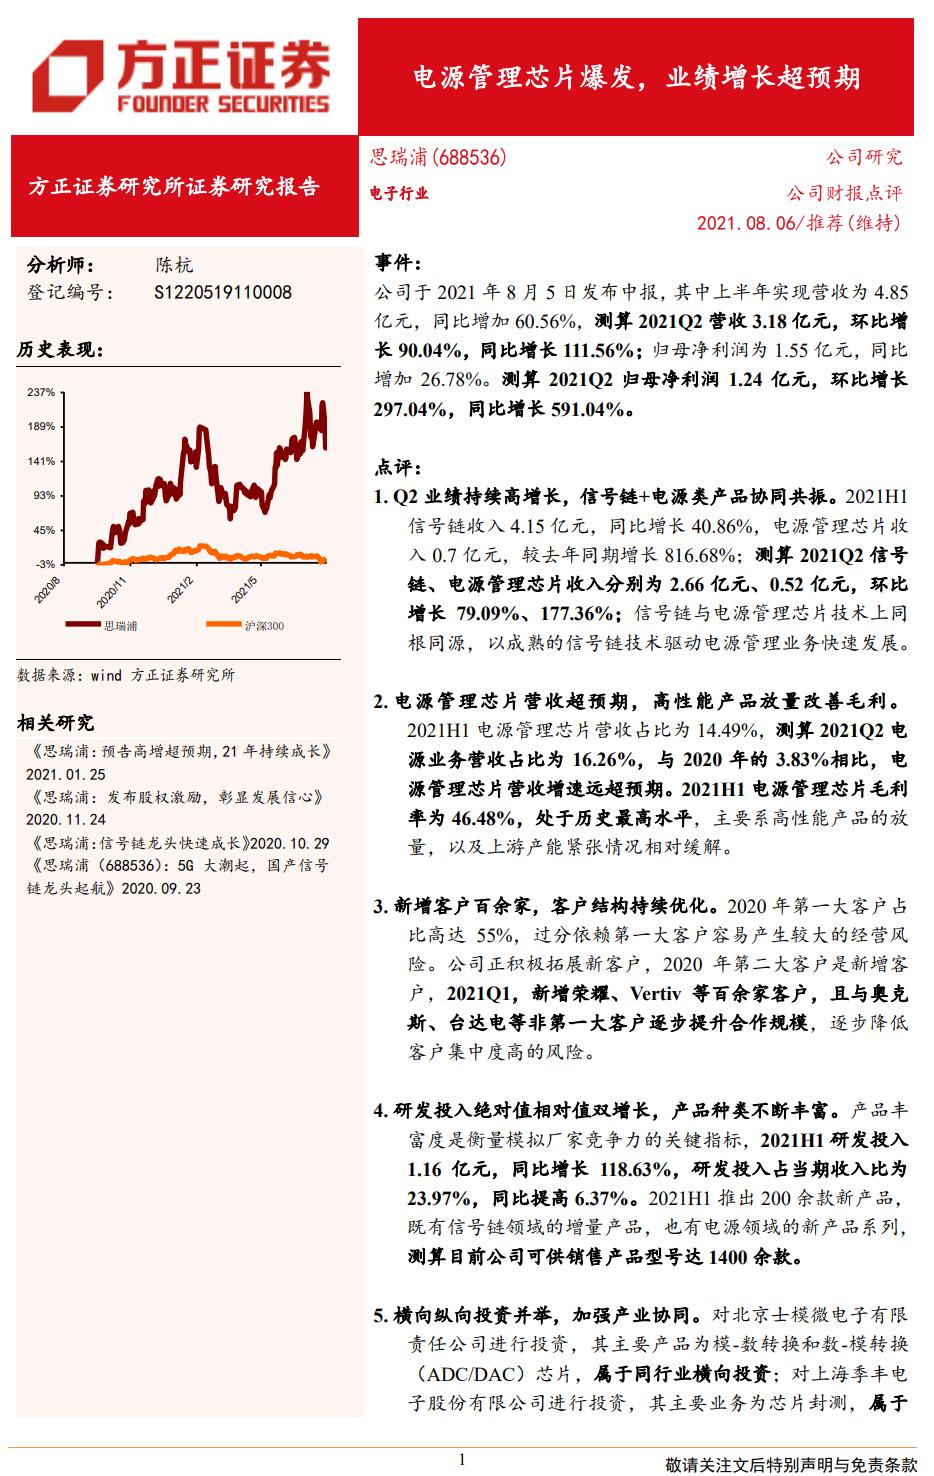 思瑞浦: Q2业绩持续高增长,信号链+电源类产品协同共振